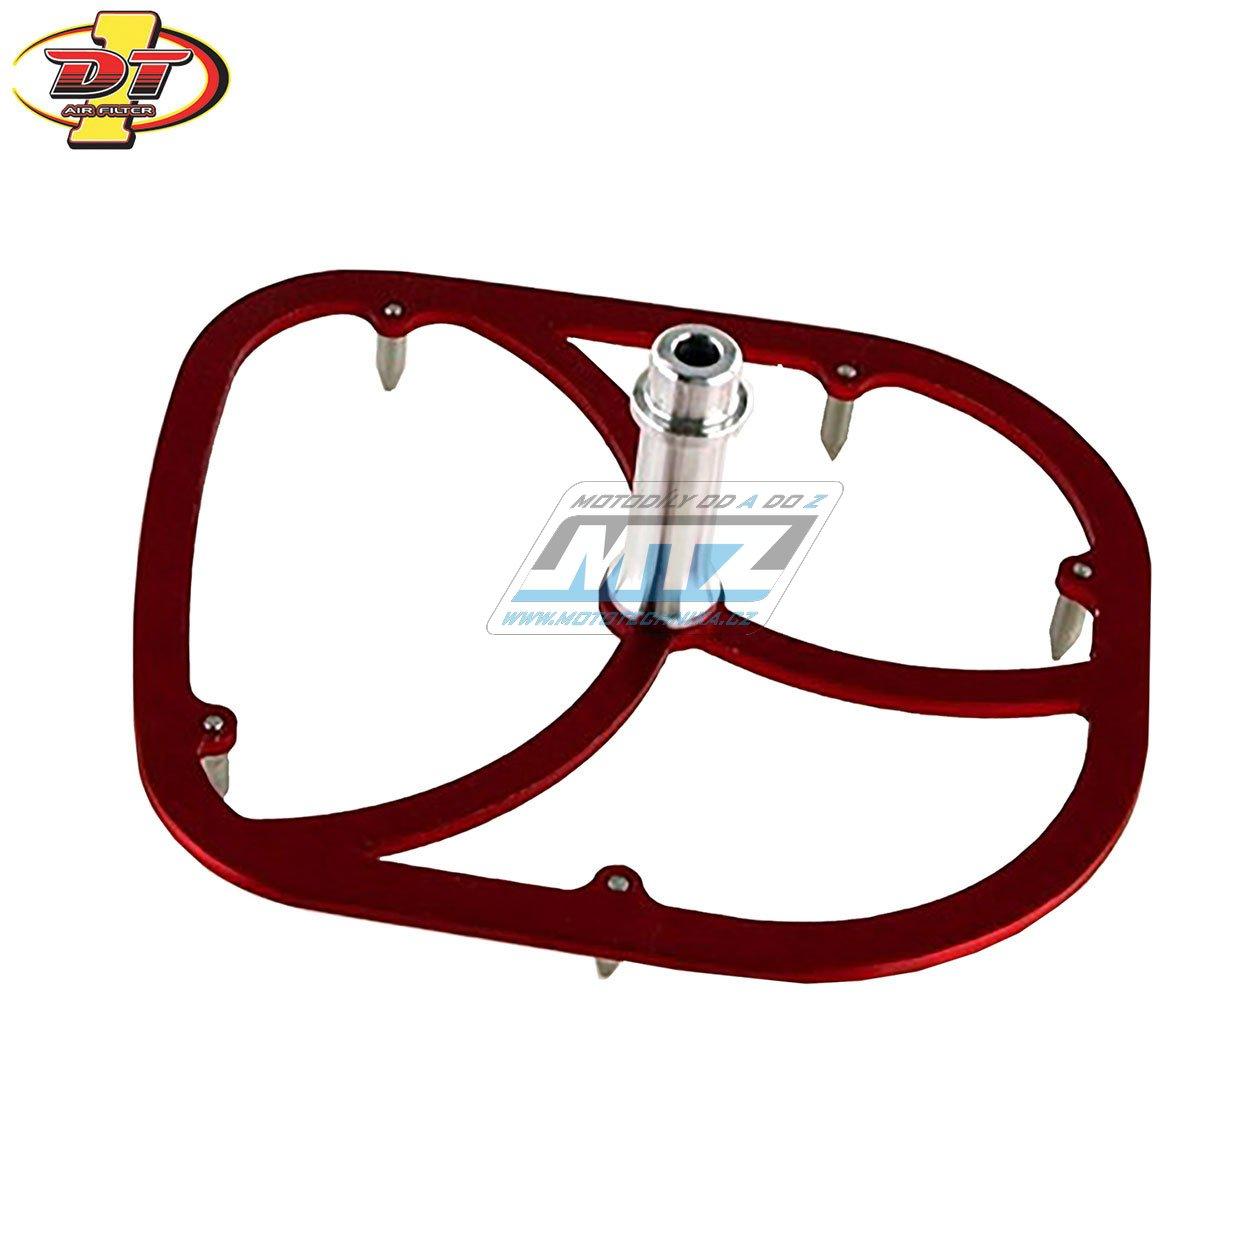 """Klec vzduchového filtru """"závodní provedení DT-1 Power Cage"""" - KTM FREERIDE 350"""